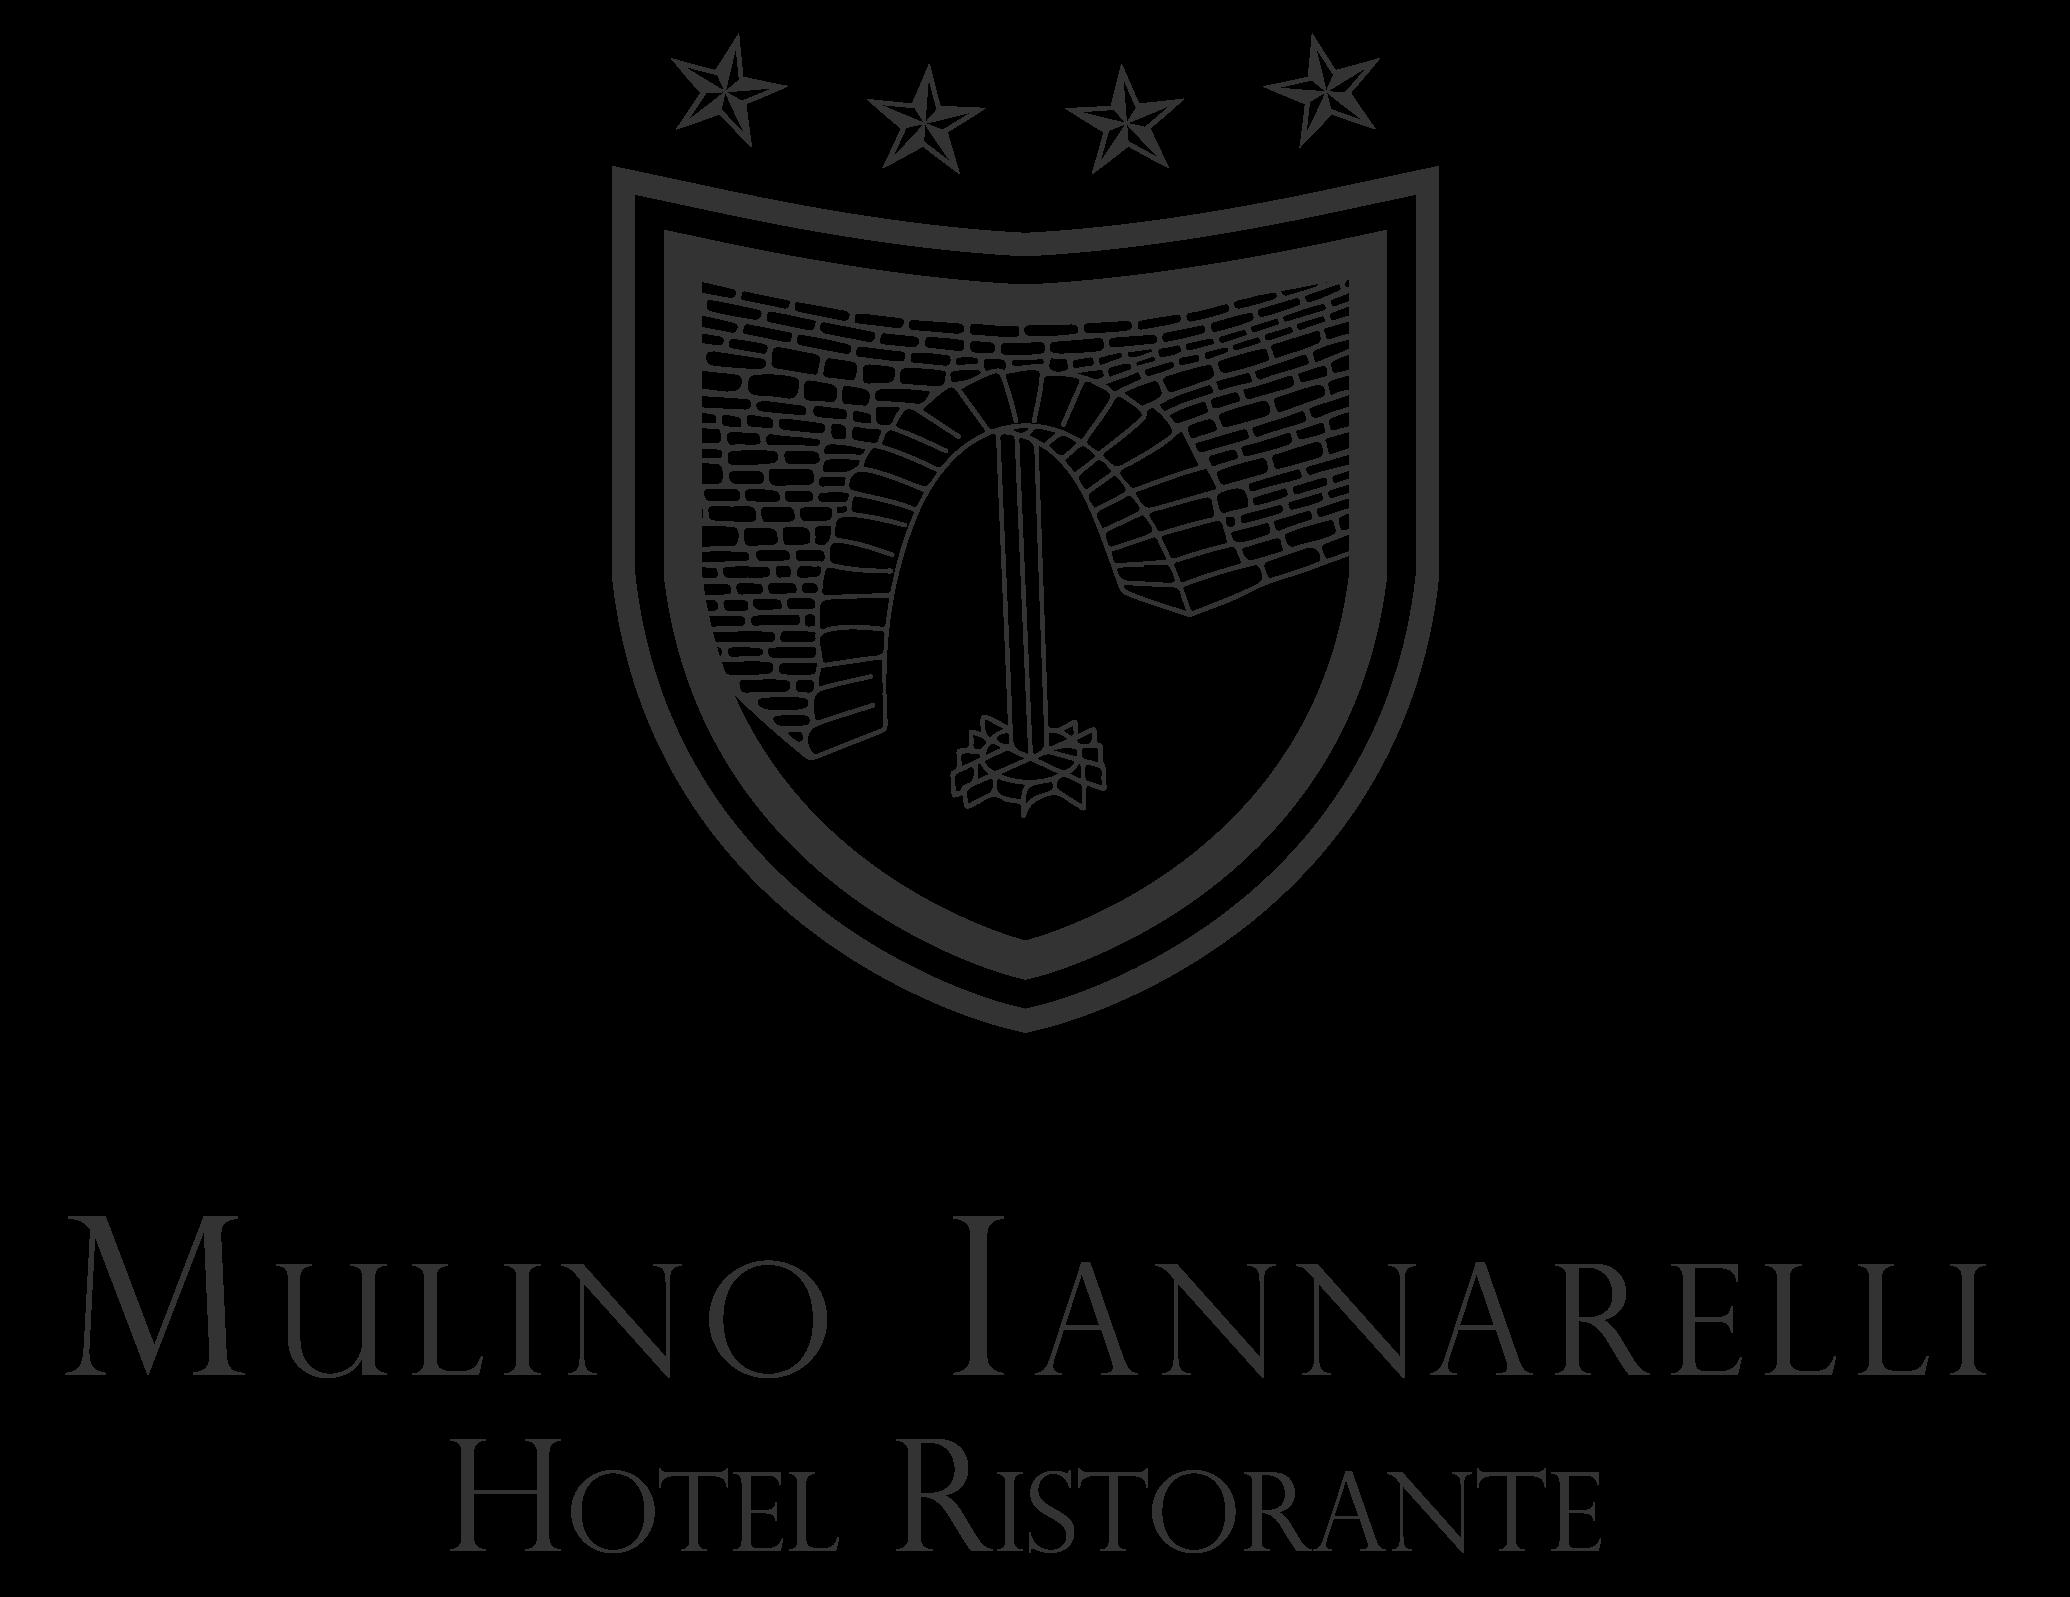 logo-mulino-iannarelli_NERO_GRANDE